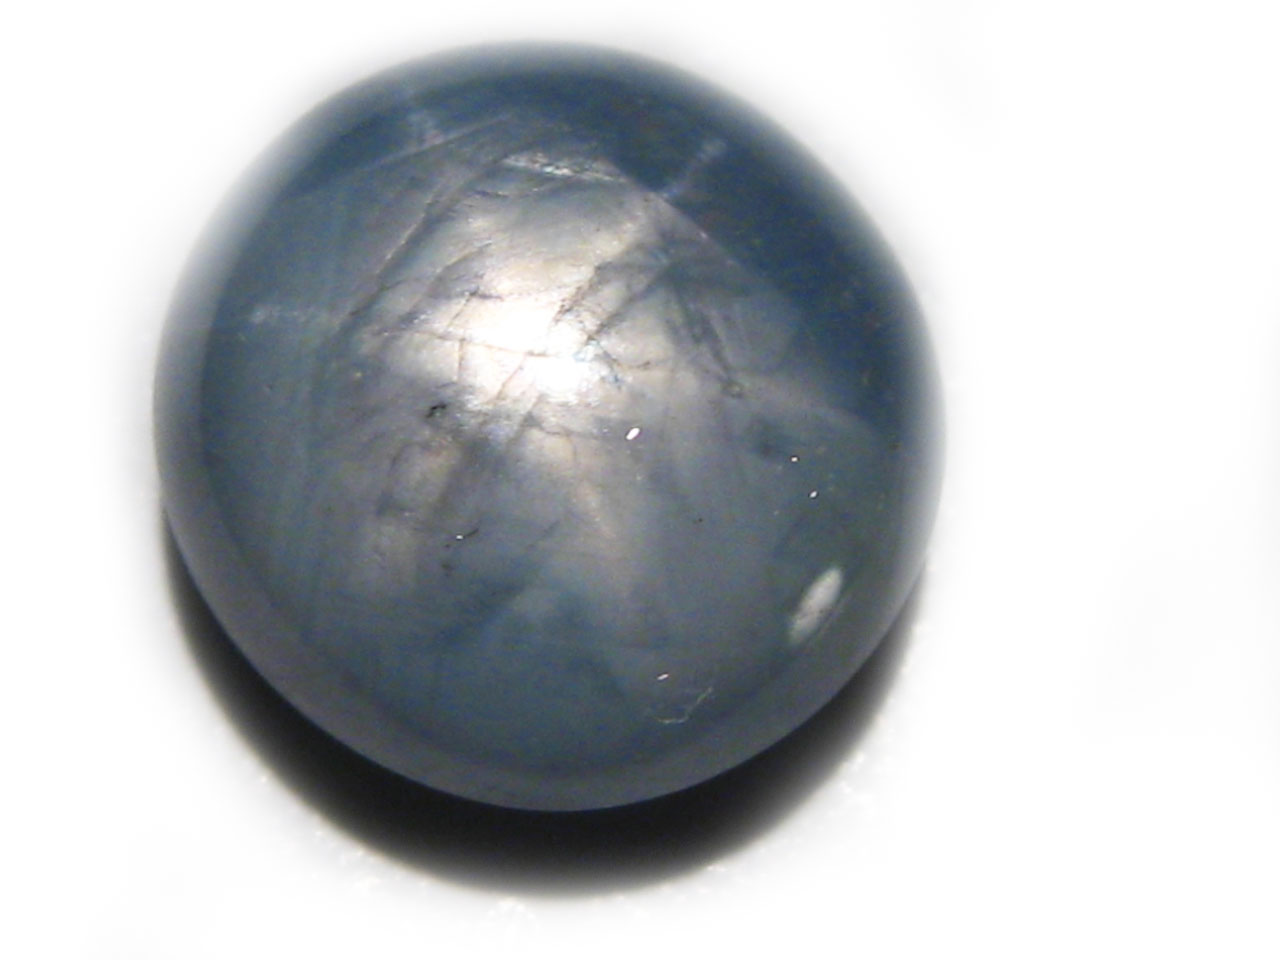 Burma Blue Star Sapphire 5.67 carats 9.5x9.1x5.9mm